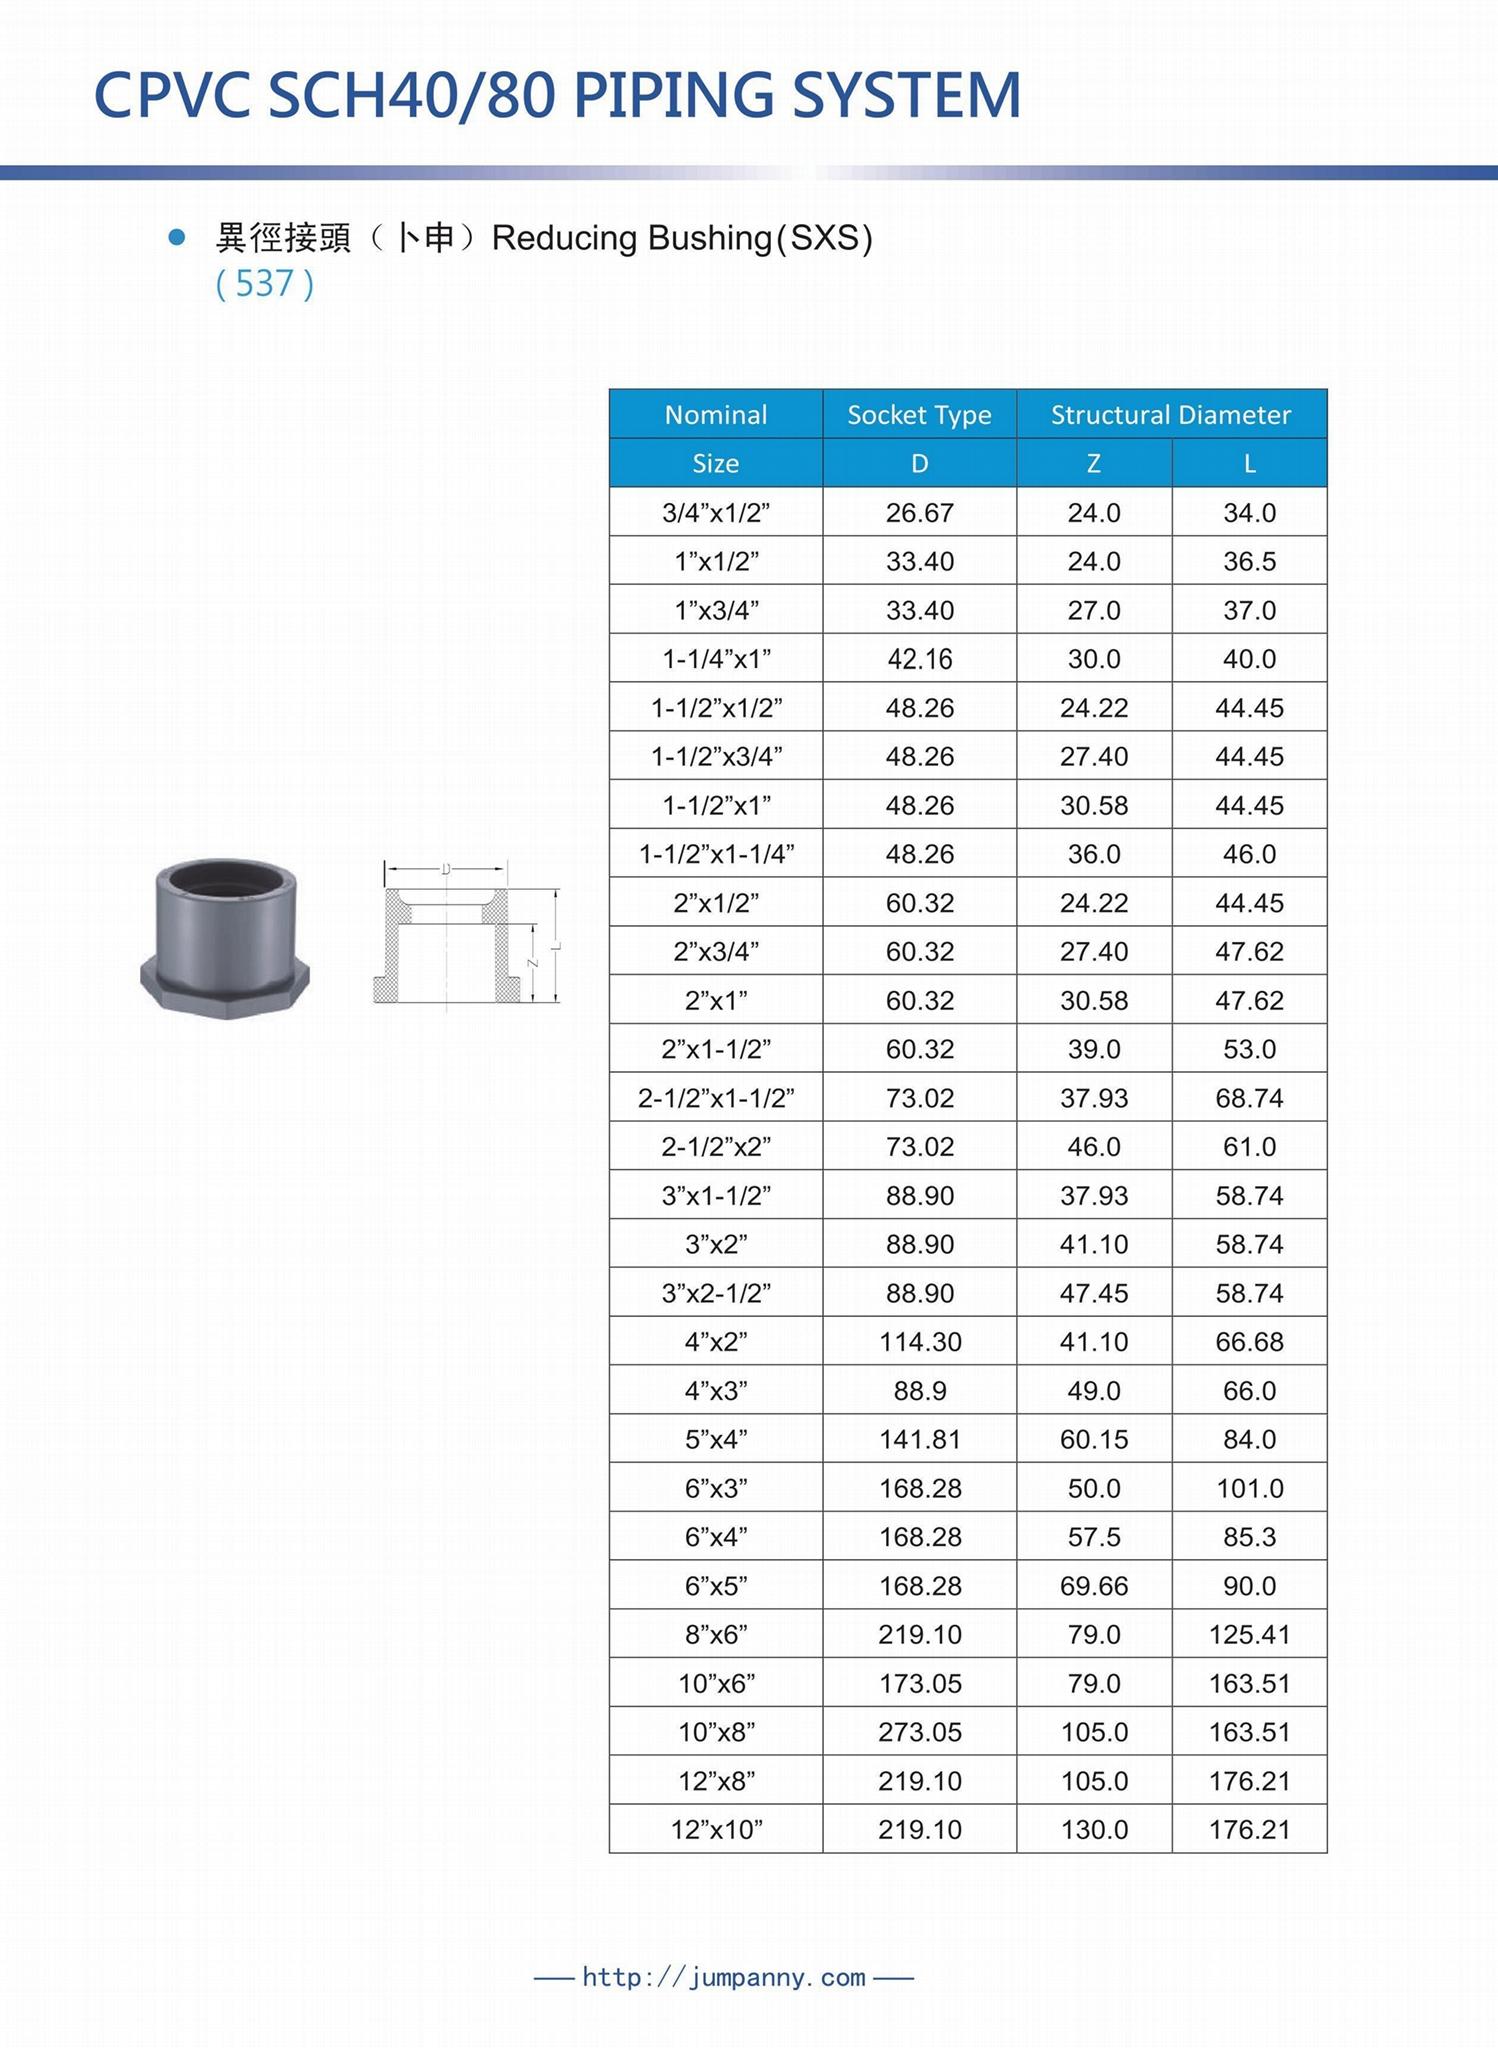 CPVC SCH40/80 Reducing Bushing(S)